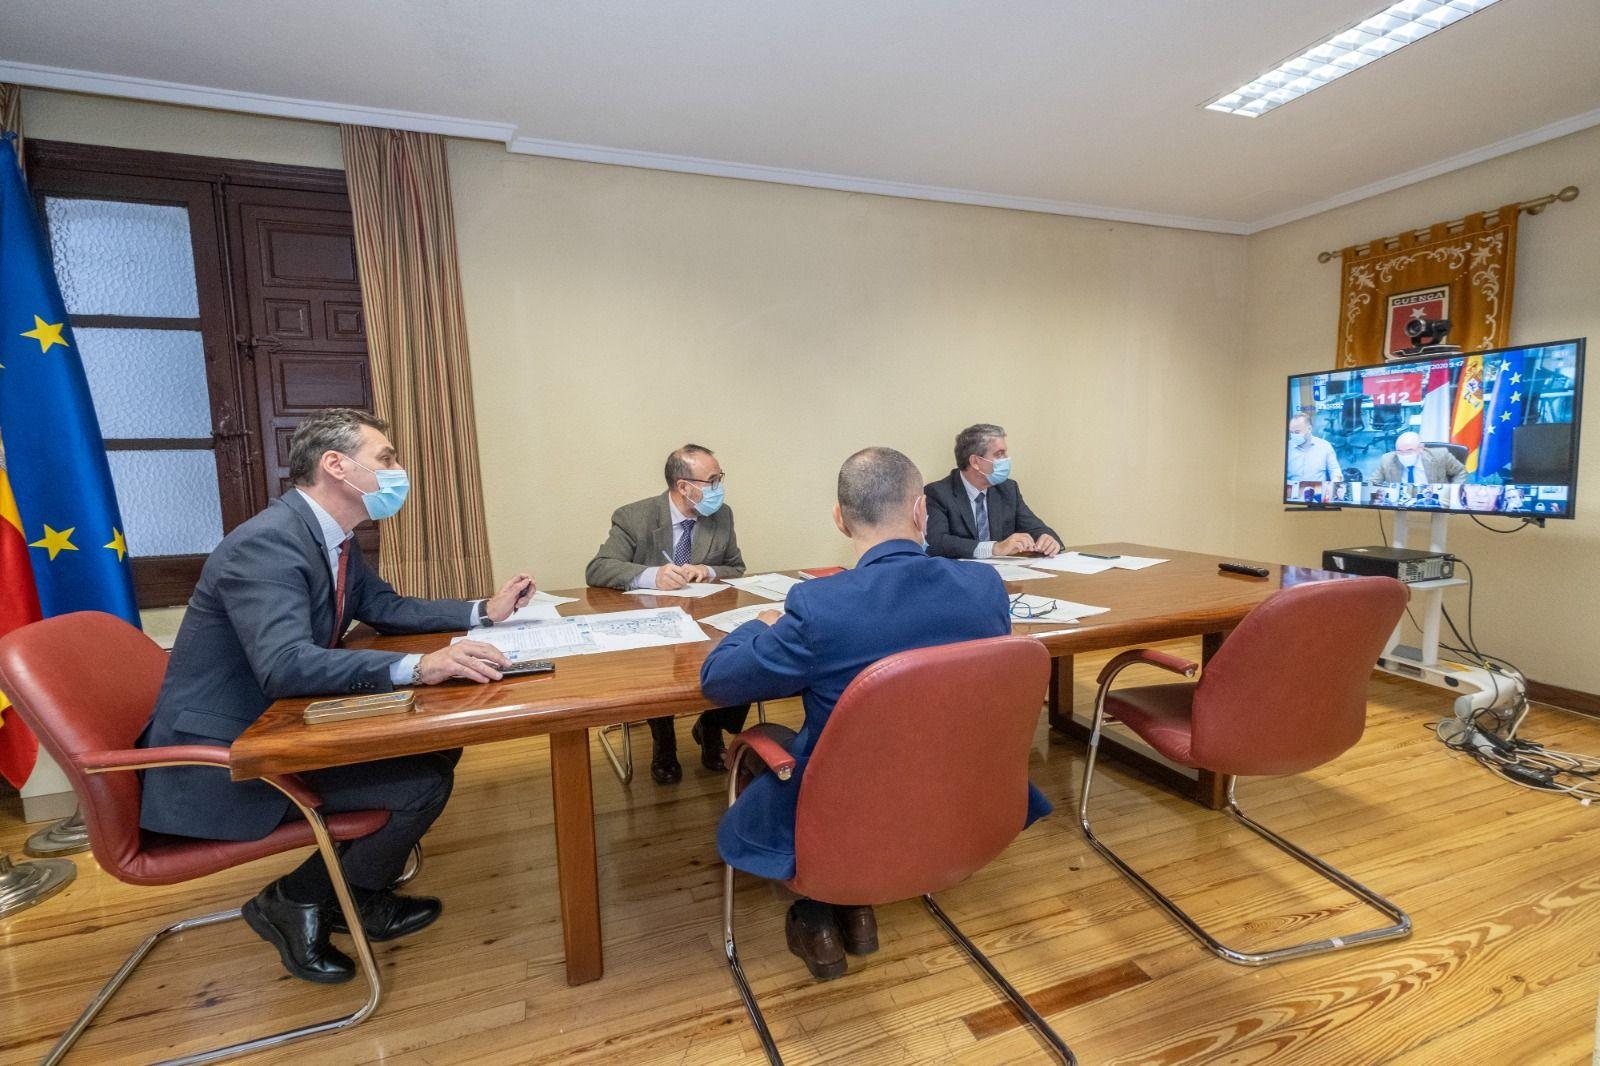 La Red de Carreteras del Estado cuenta con 202 quitanieves y 36.606 toneladas de fundentes en Castilla-La Mancha para la Campaña de Vialidad Invernal 2020-21